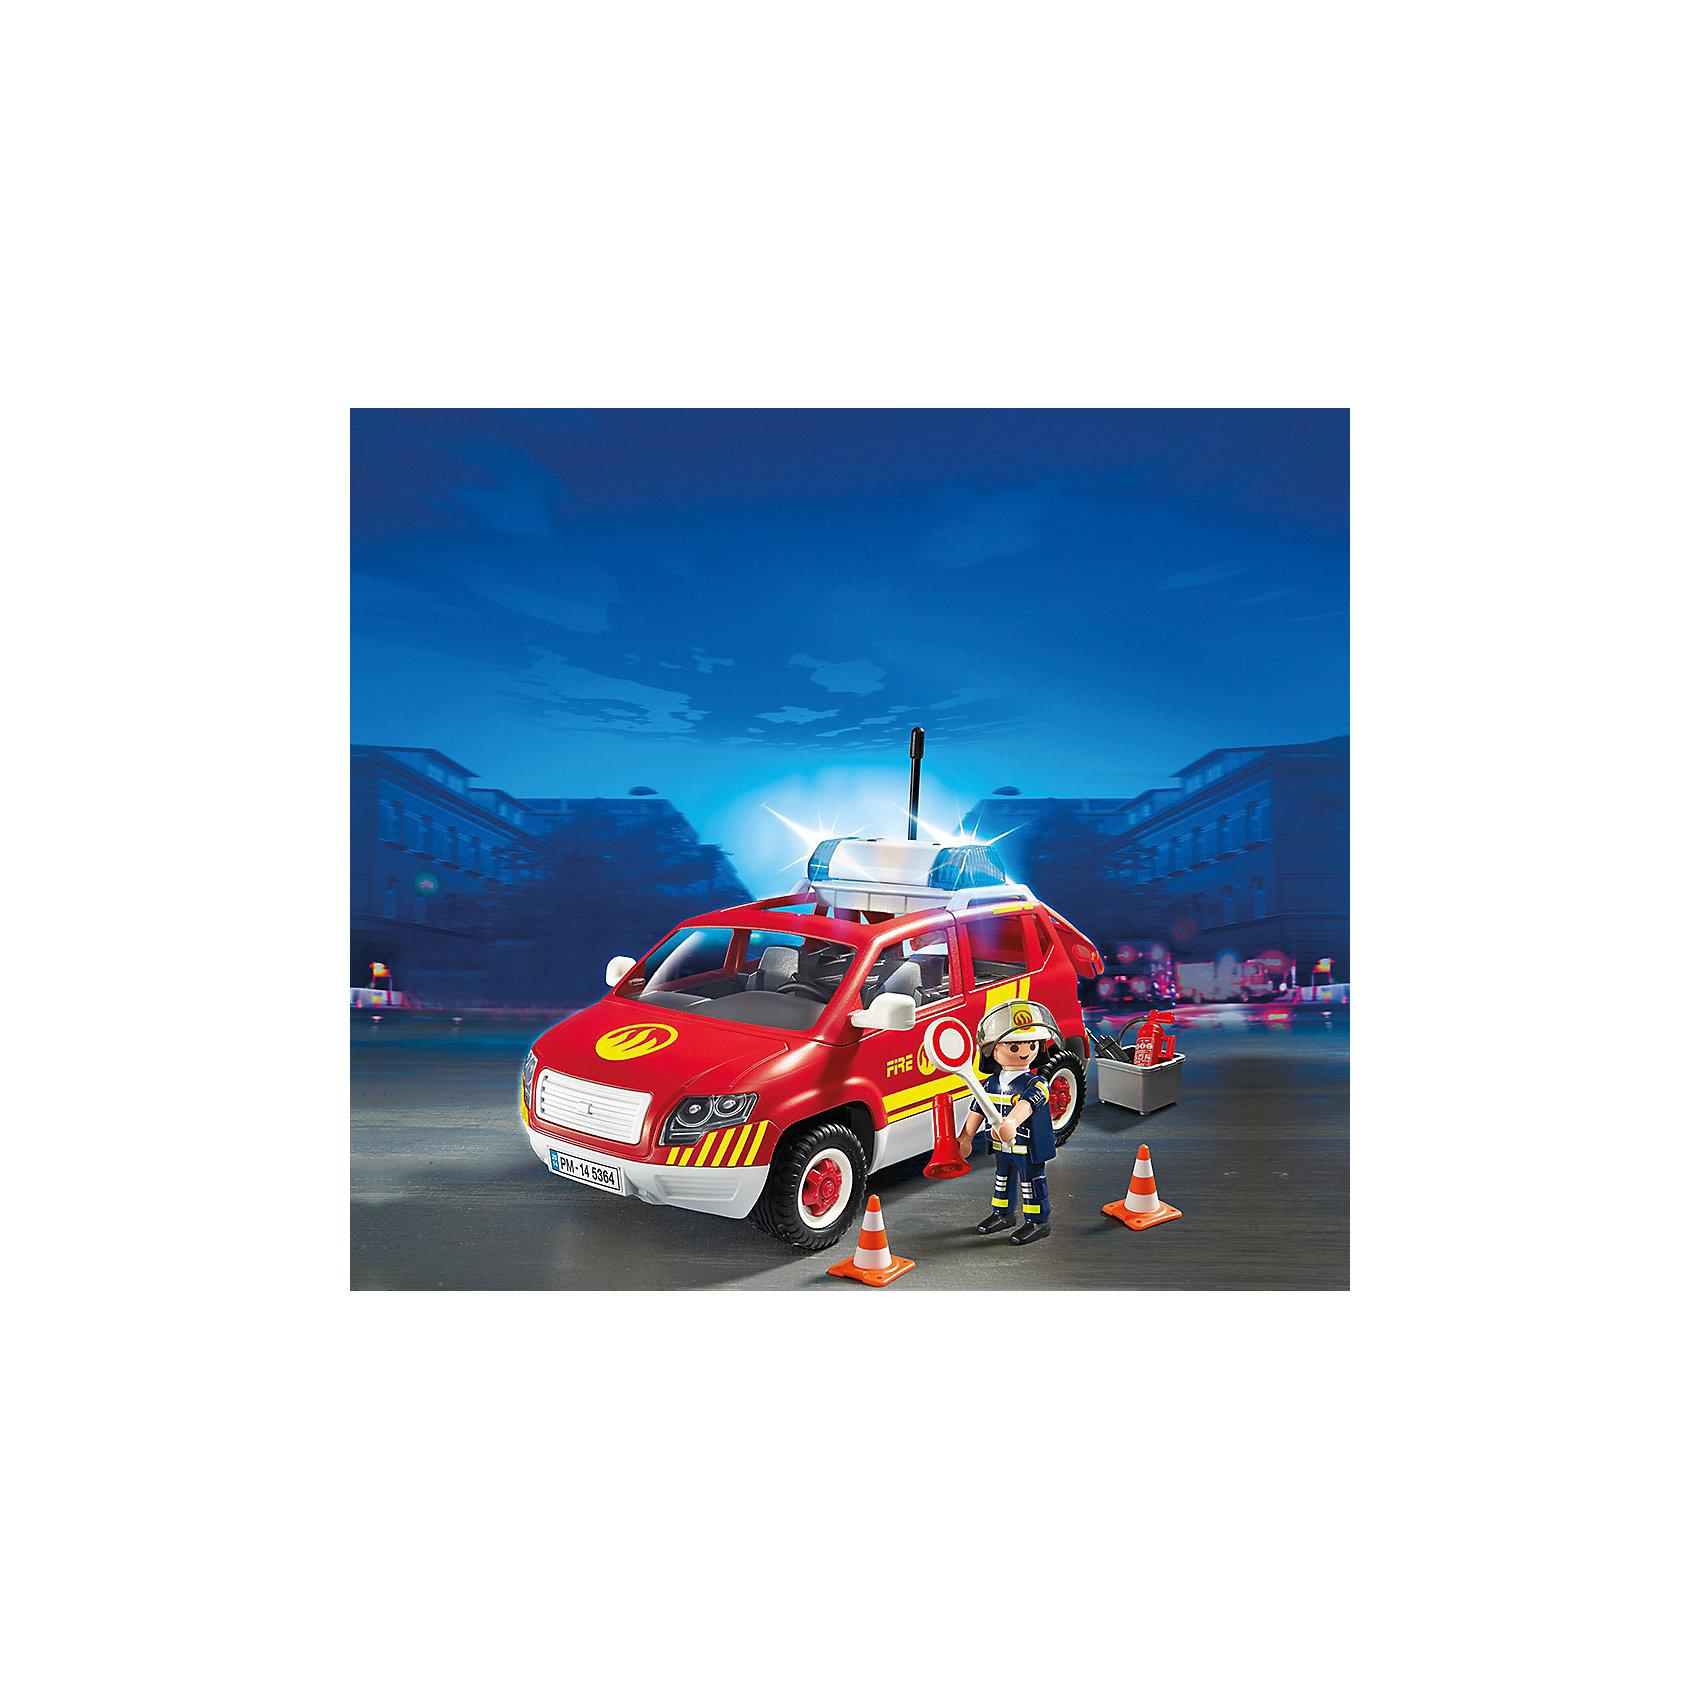 где купить PLAYMOBIL® PLAYMOBIL 5364 Пожарная служба: Пожарная машина командира со светом и звуком дешево